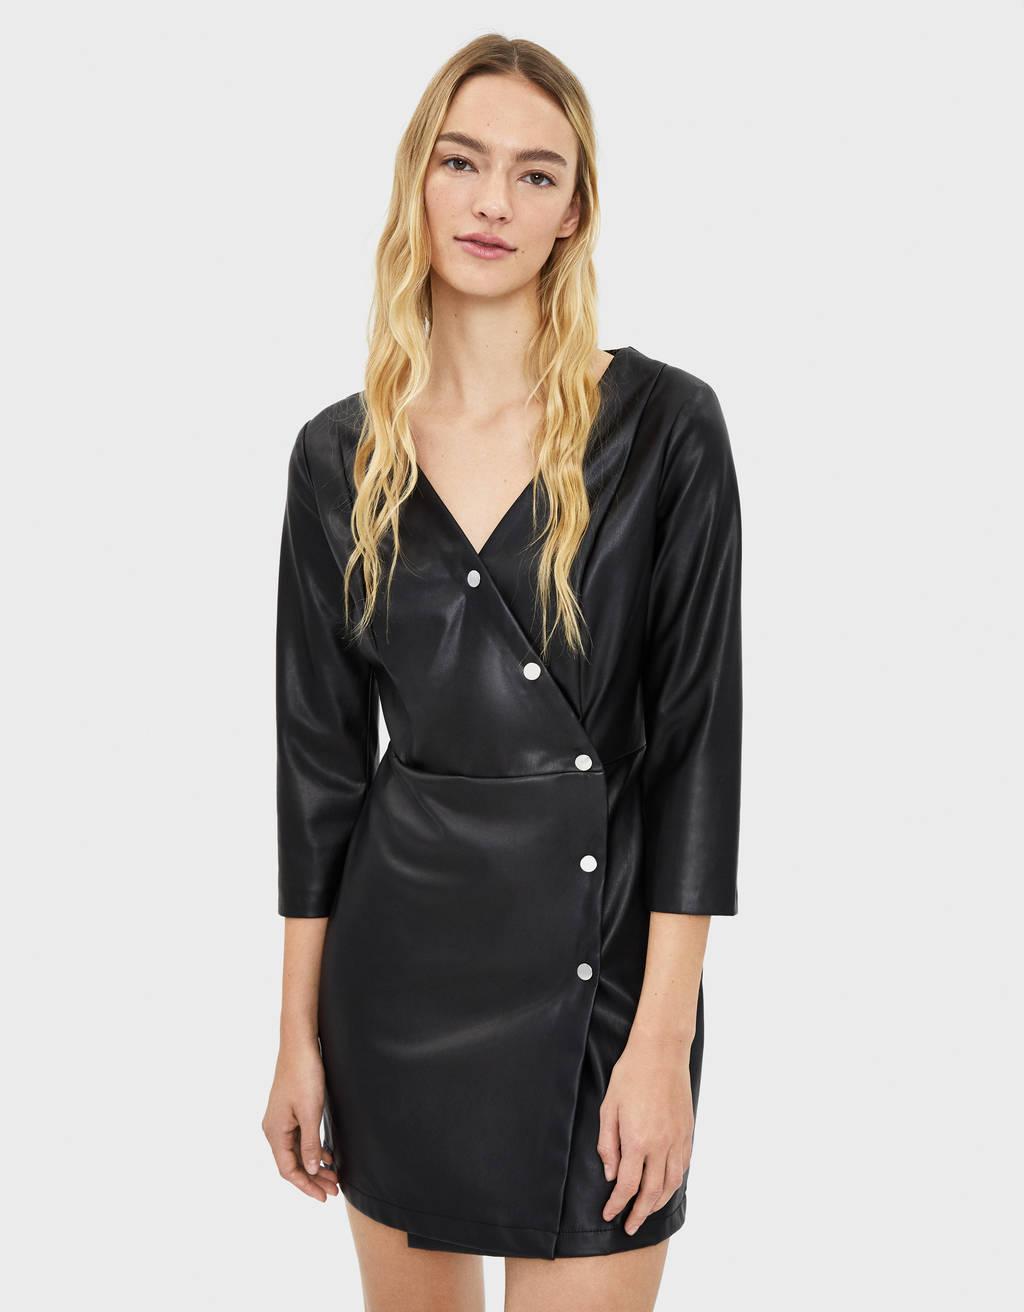 Kleid aus Kunstleder mit Knöpfen